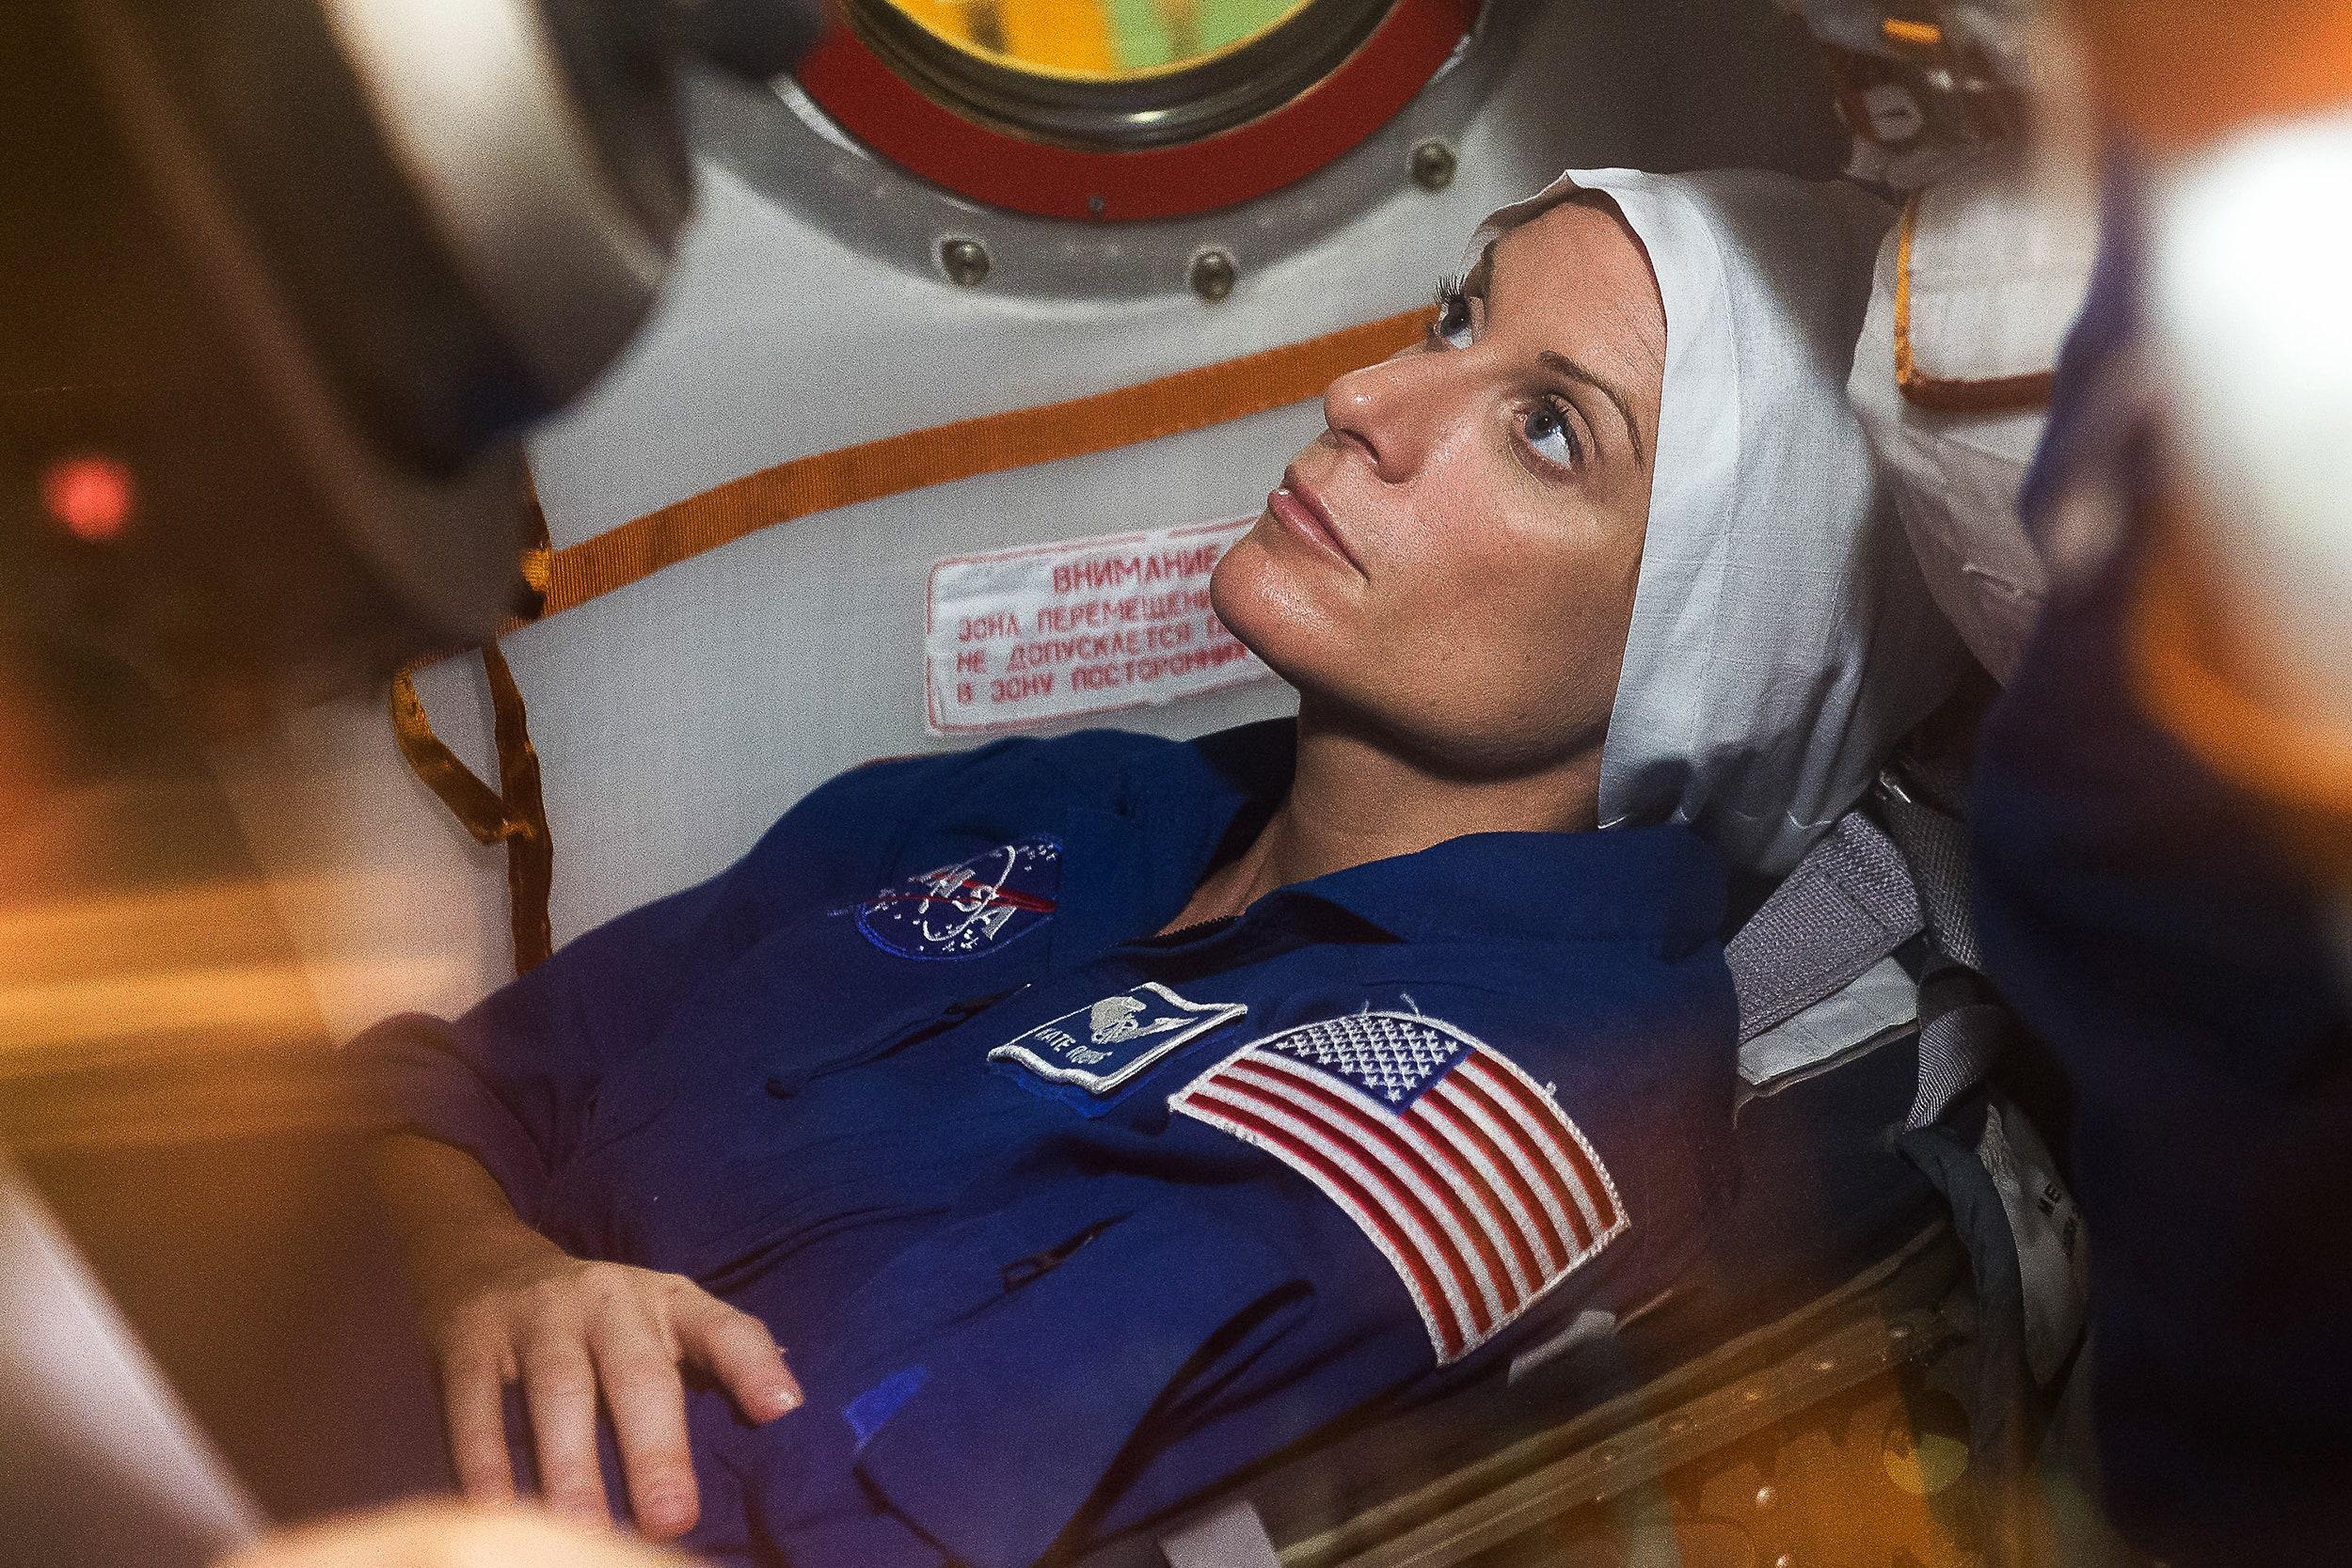 کیت رابینز فضانورد ناسا مانند بسیاری از دیگر آمریکایی ها در روزهای اخیر، رأی خود را در صندوق انداخته و تصویری از آن را در شبکه های اجتماعی منتشر کرده است.